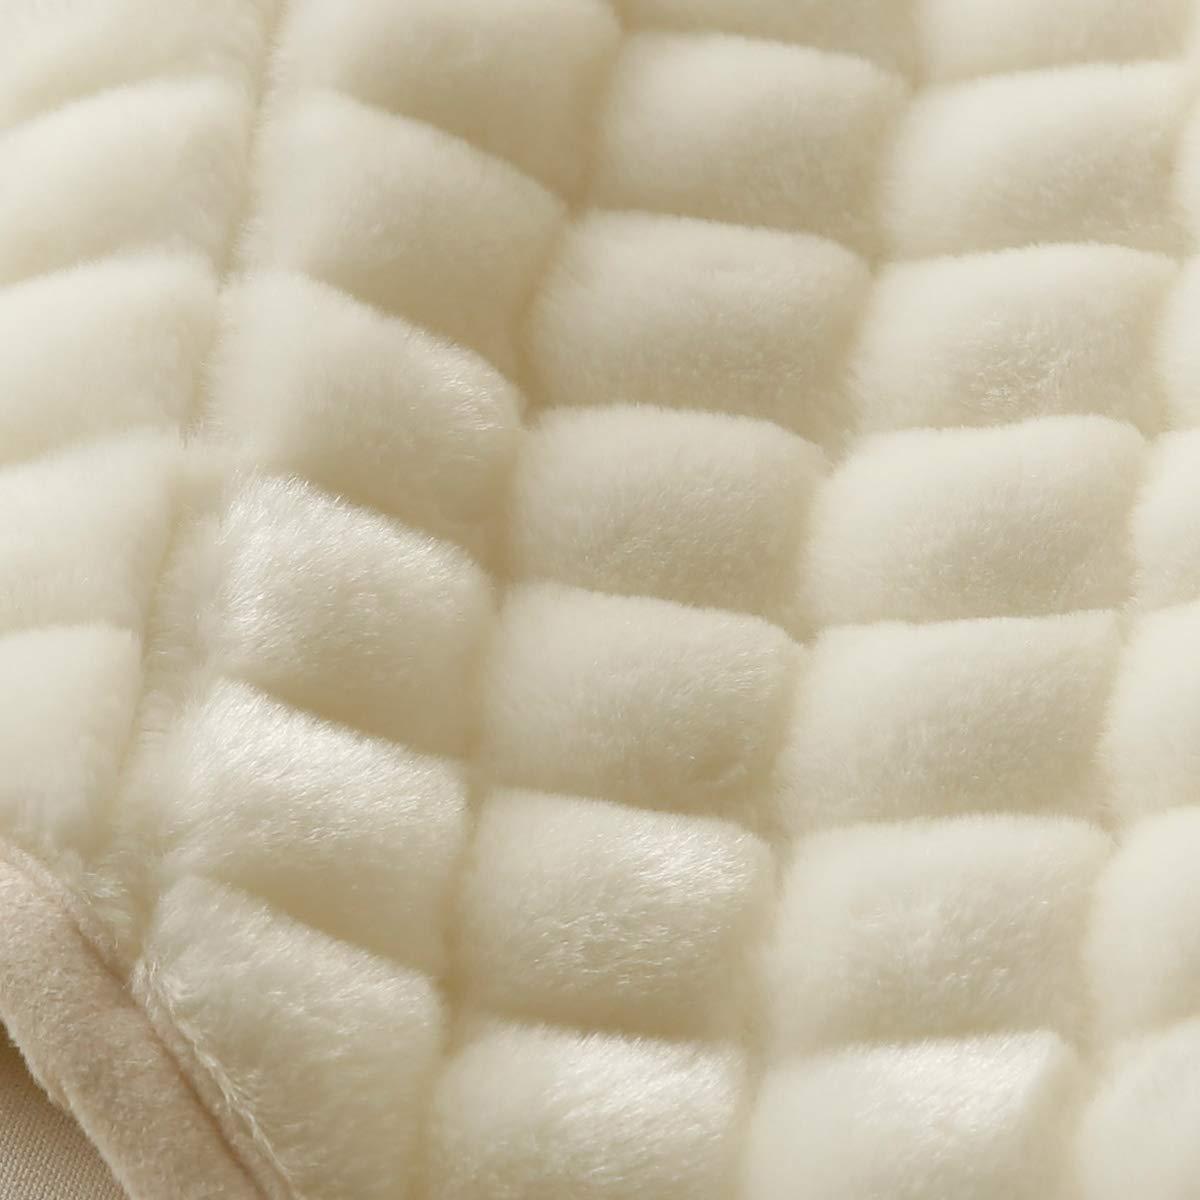 西川リビング アクリル 敷パッド AP1994 ダブル 中綿 増量 制電 抗菌防臭加工 丸洗いOK 日本製 48343 すっぴんホワイト[70] B07HLXRZ2W